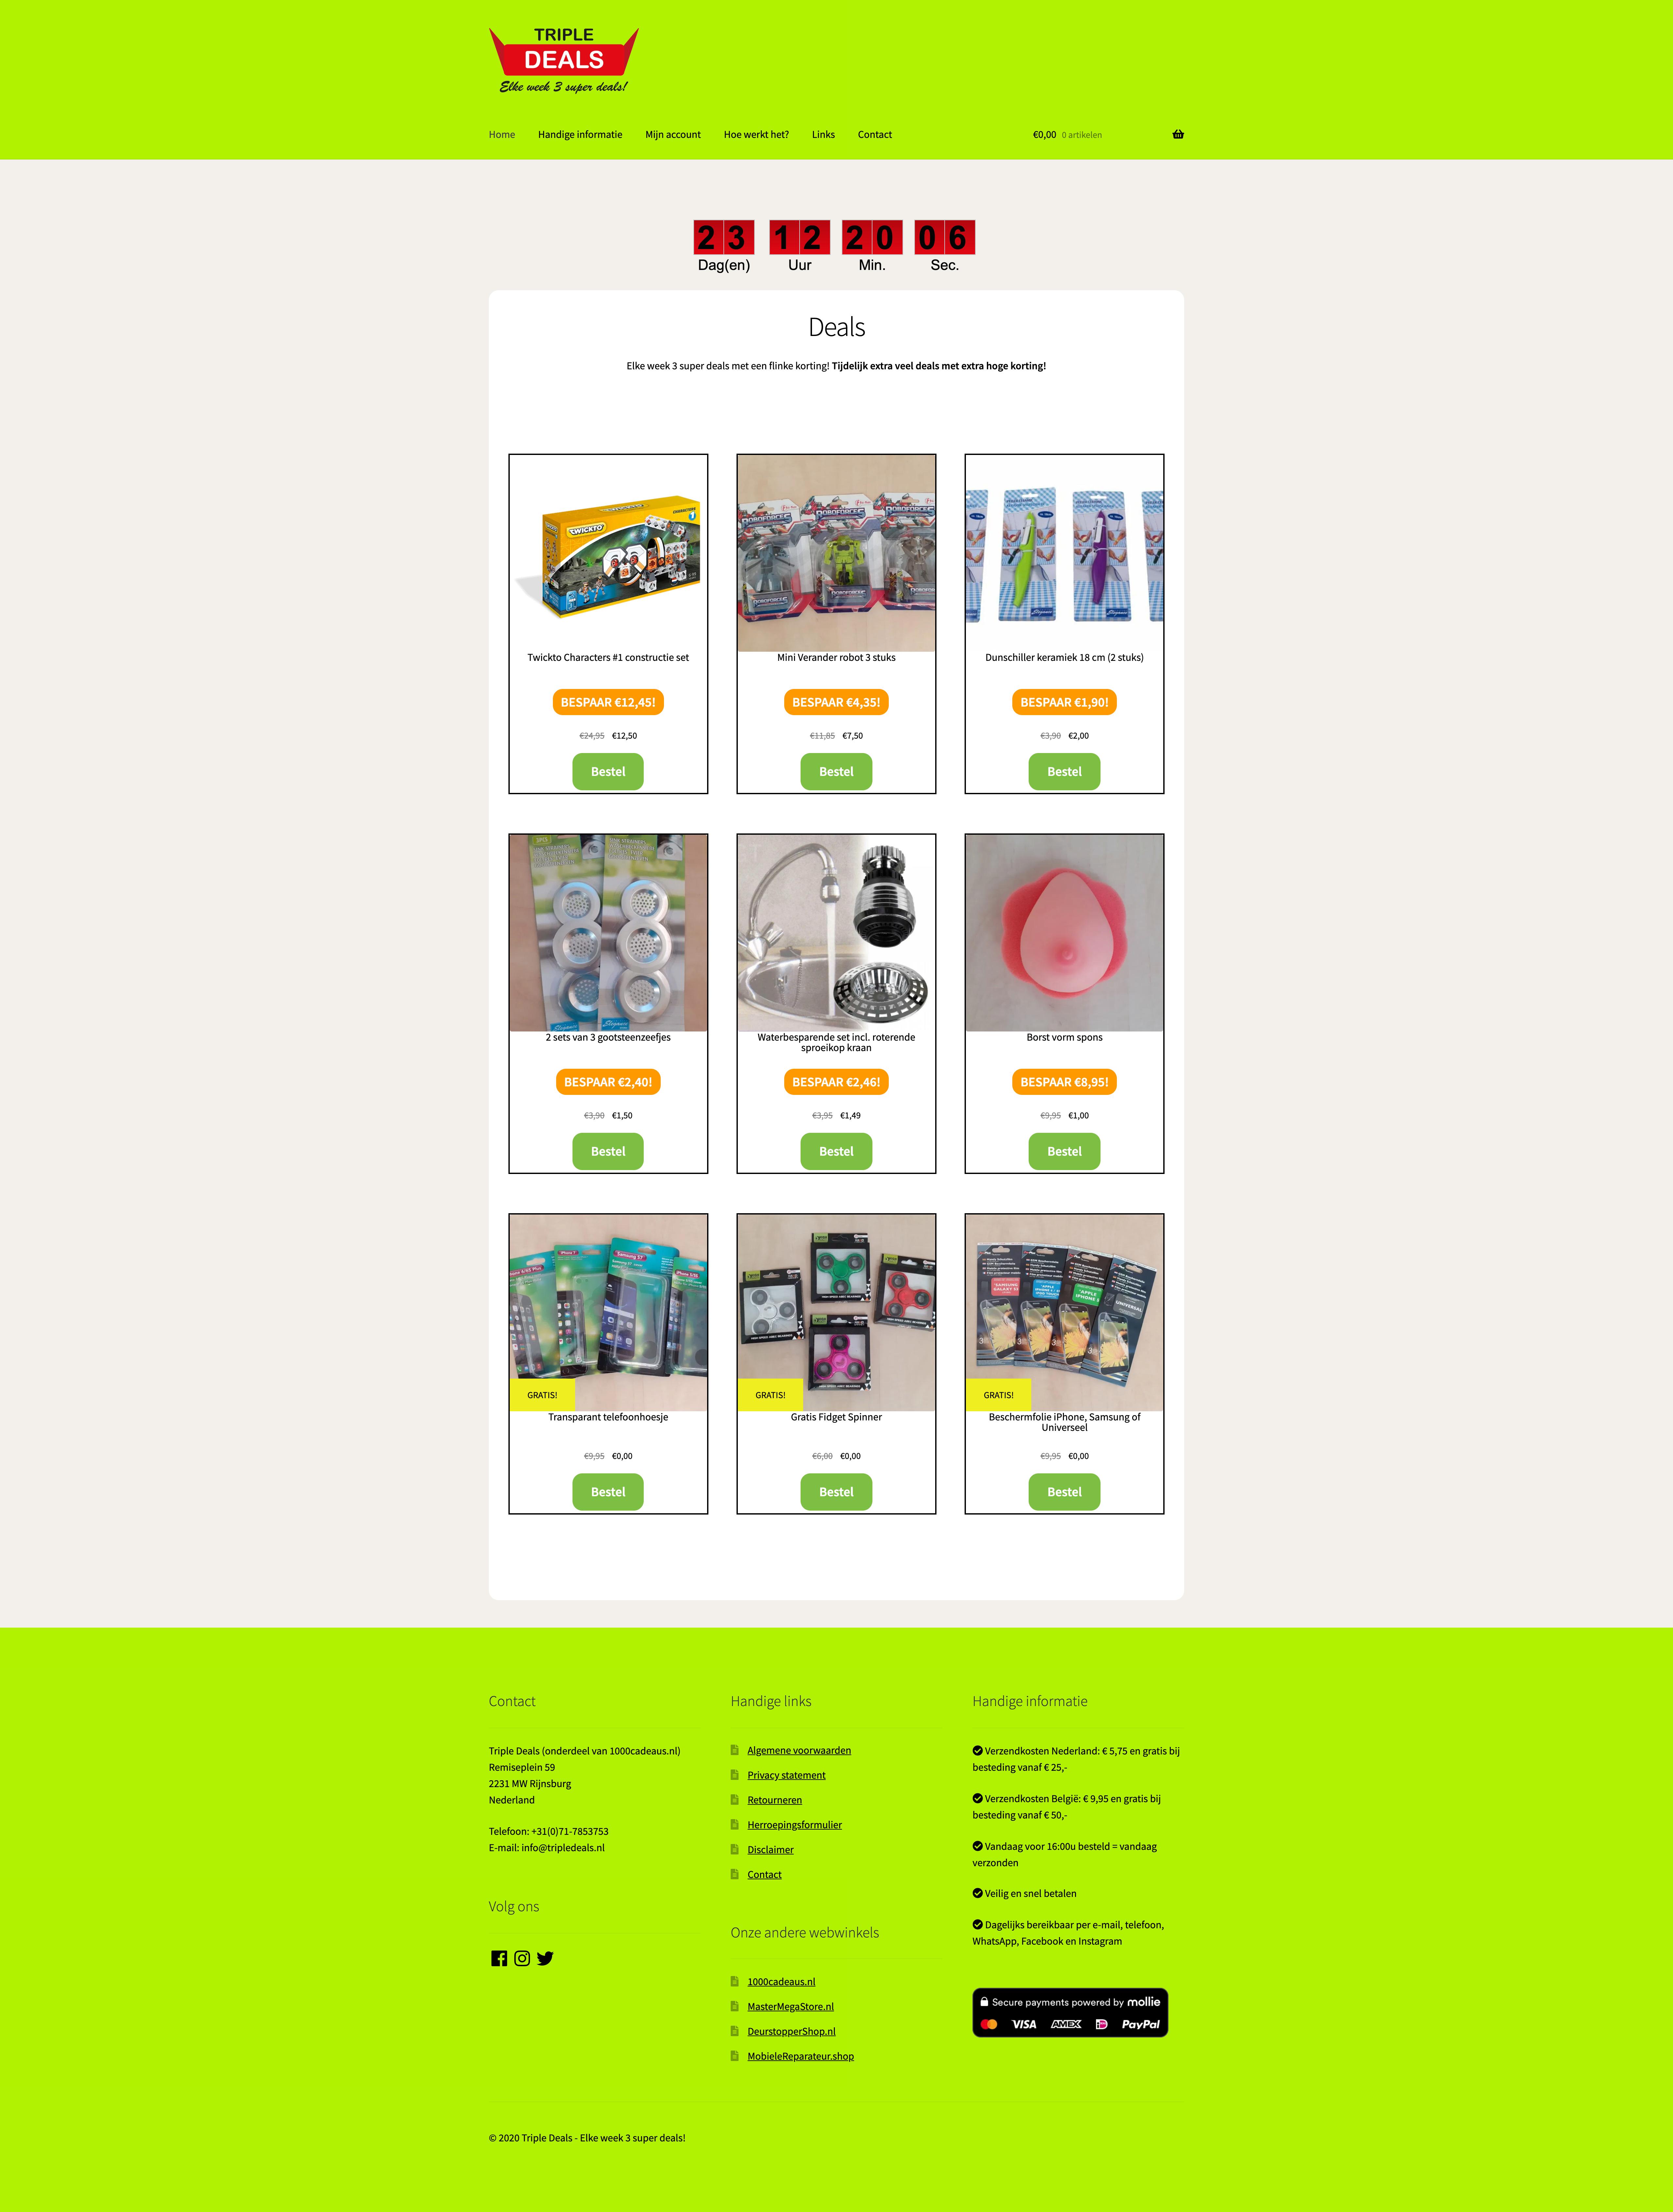 Schermafbeelding van de website van Triple Deals